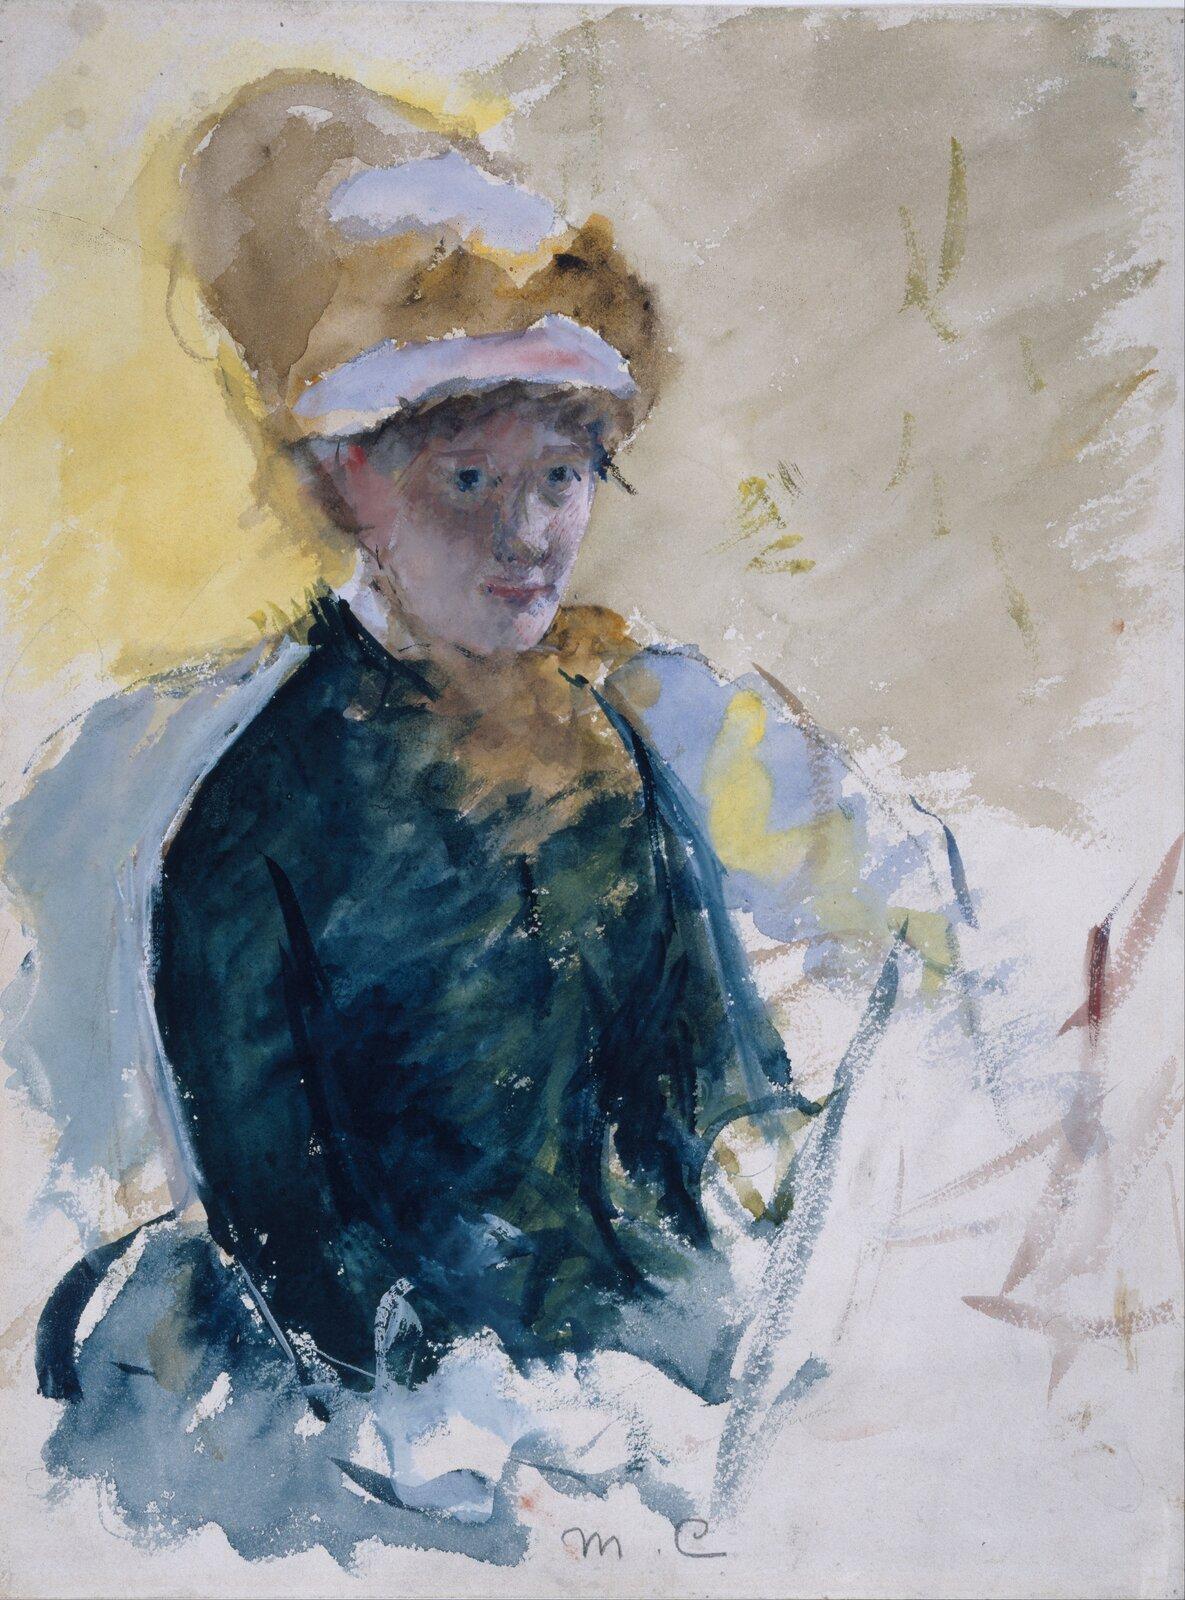 """Ilustracja przedstawia obraz Mary Cassatt pt. """"Autoportret"""". Na obrazie widoczna jest kobieca postać wkapeluszu isukni. Wdziele przeważają odcienie zielonego oraz żółci przypominającej światło słoneczne, które przelewa się przez ramiona artystki irzuca na jej twarz wcień."""